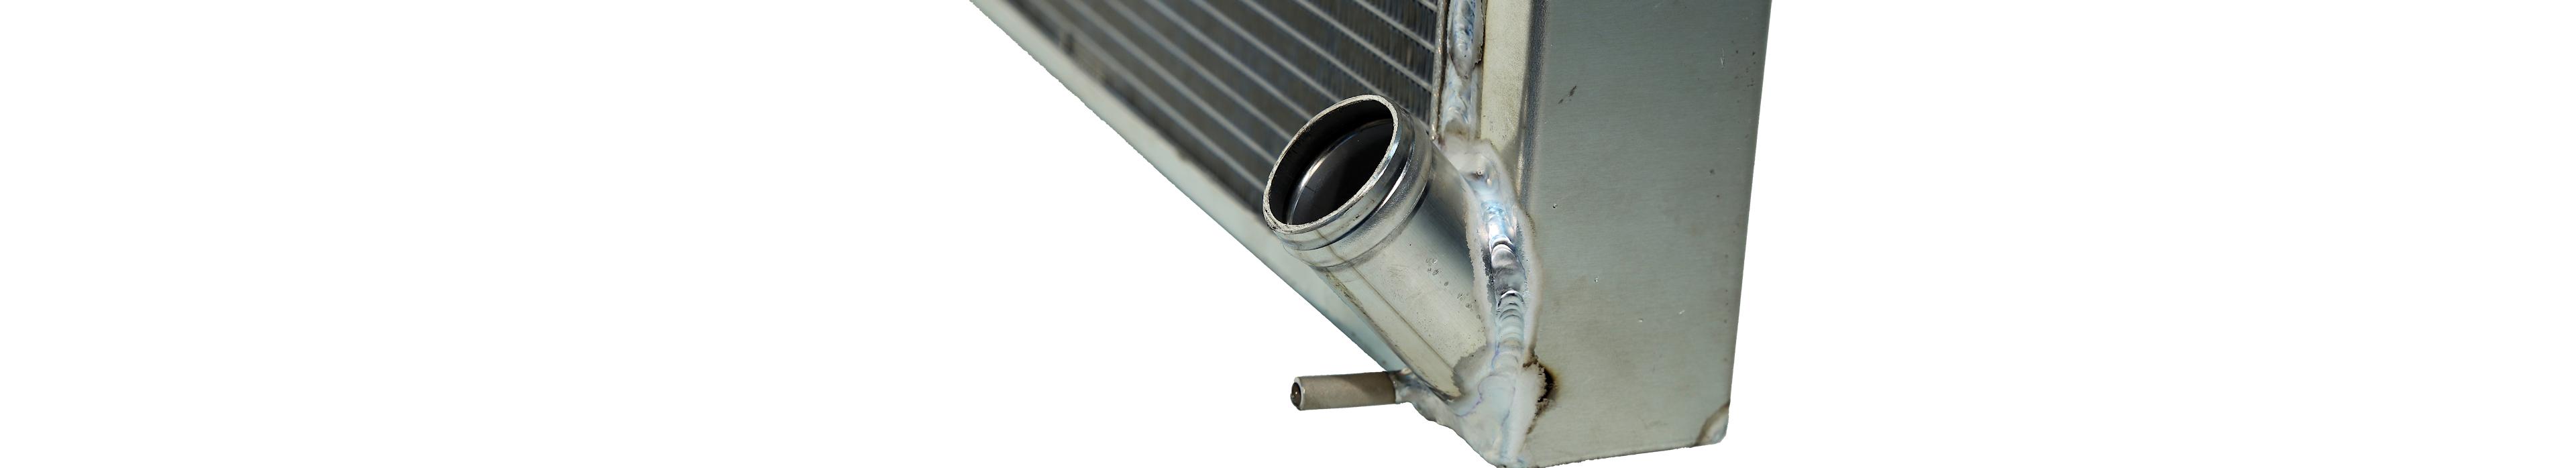 Op maat aluminium radiateur maken